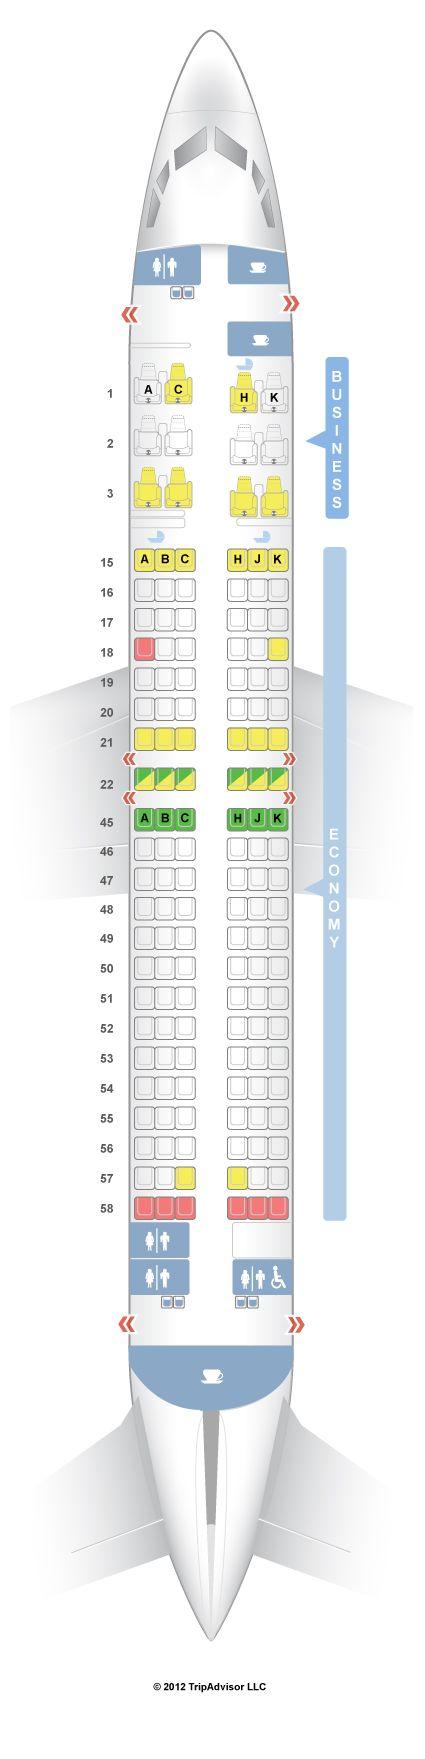 SeatGuru Seat Map Japan Airlines Boeing 737-800 (738) Intl